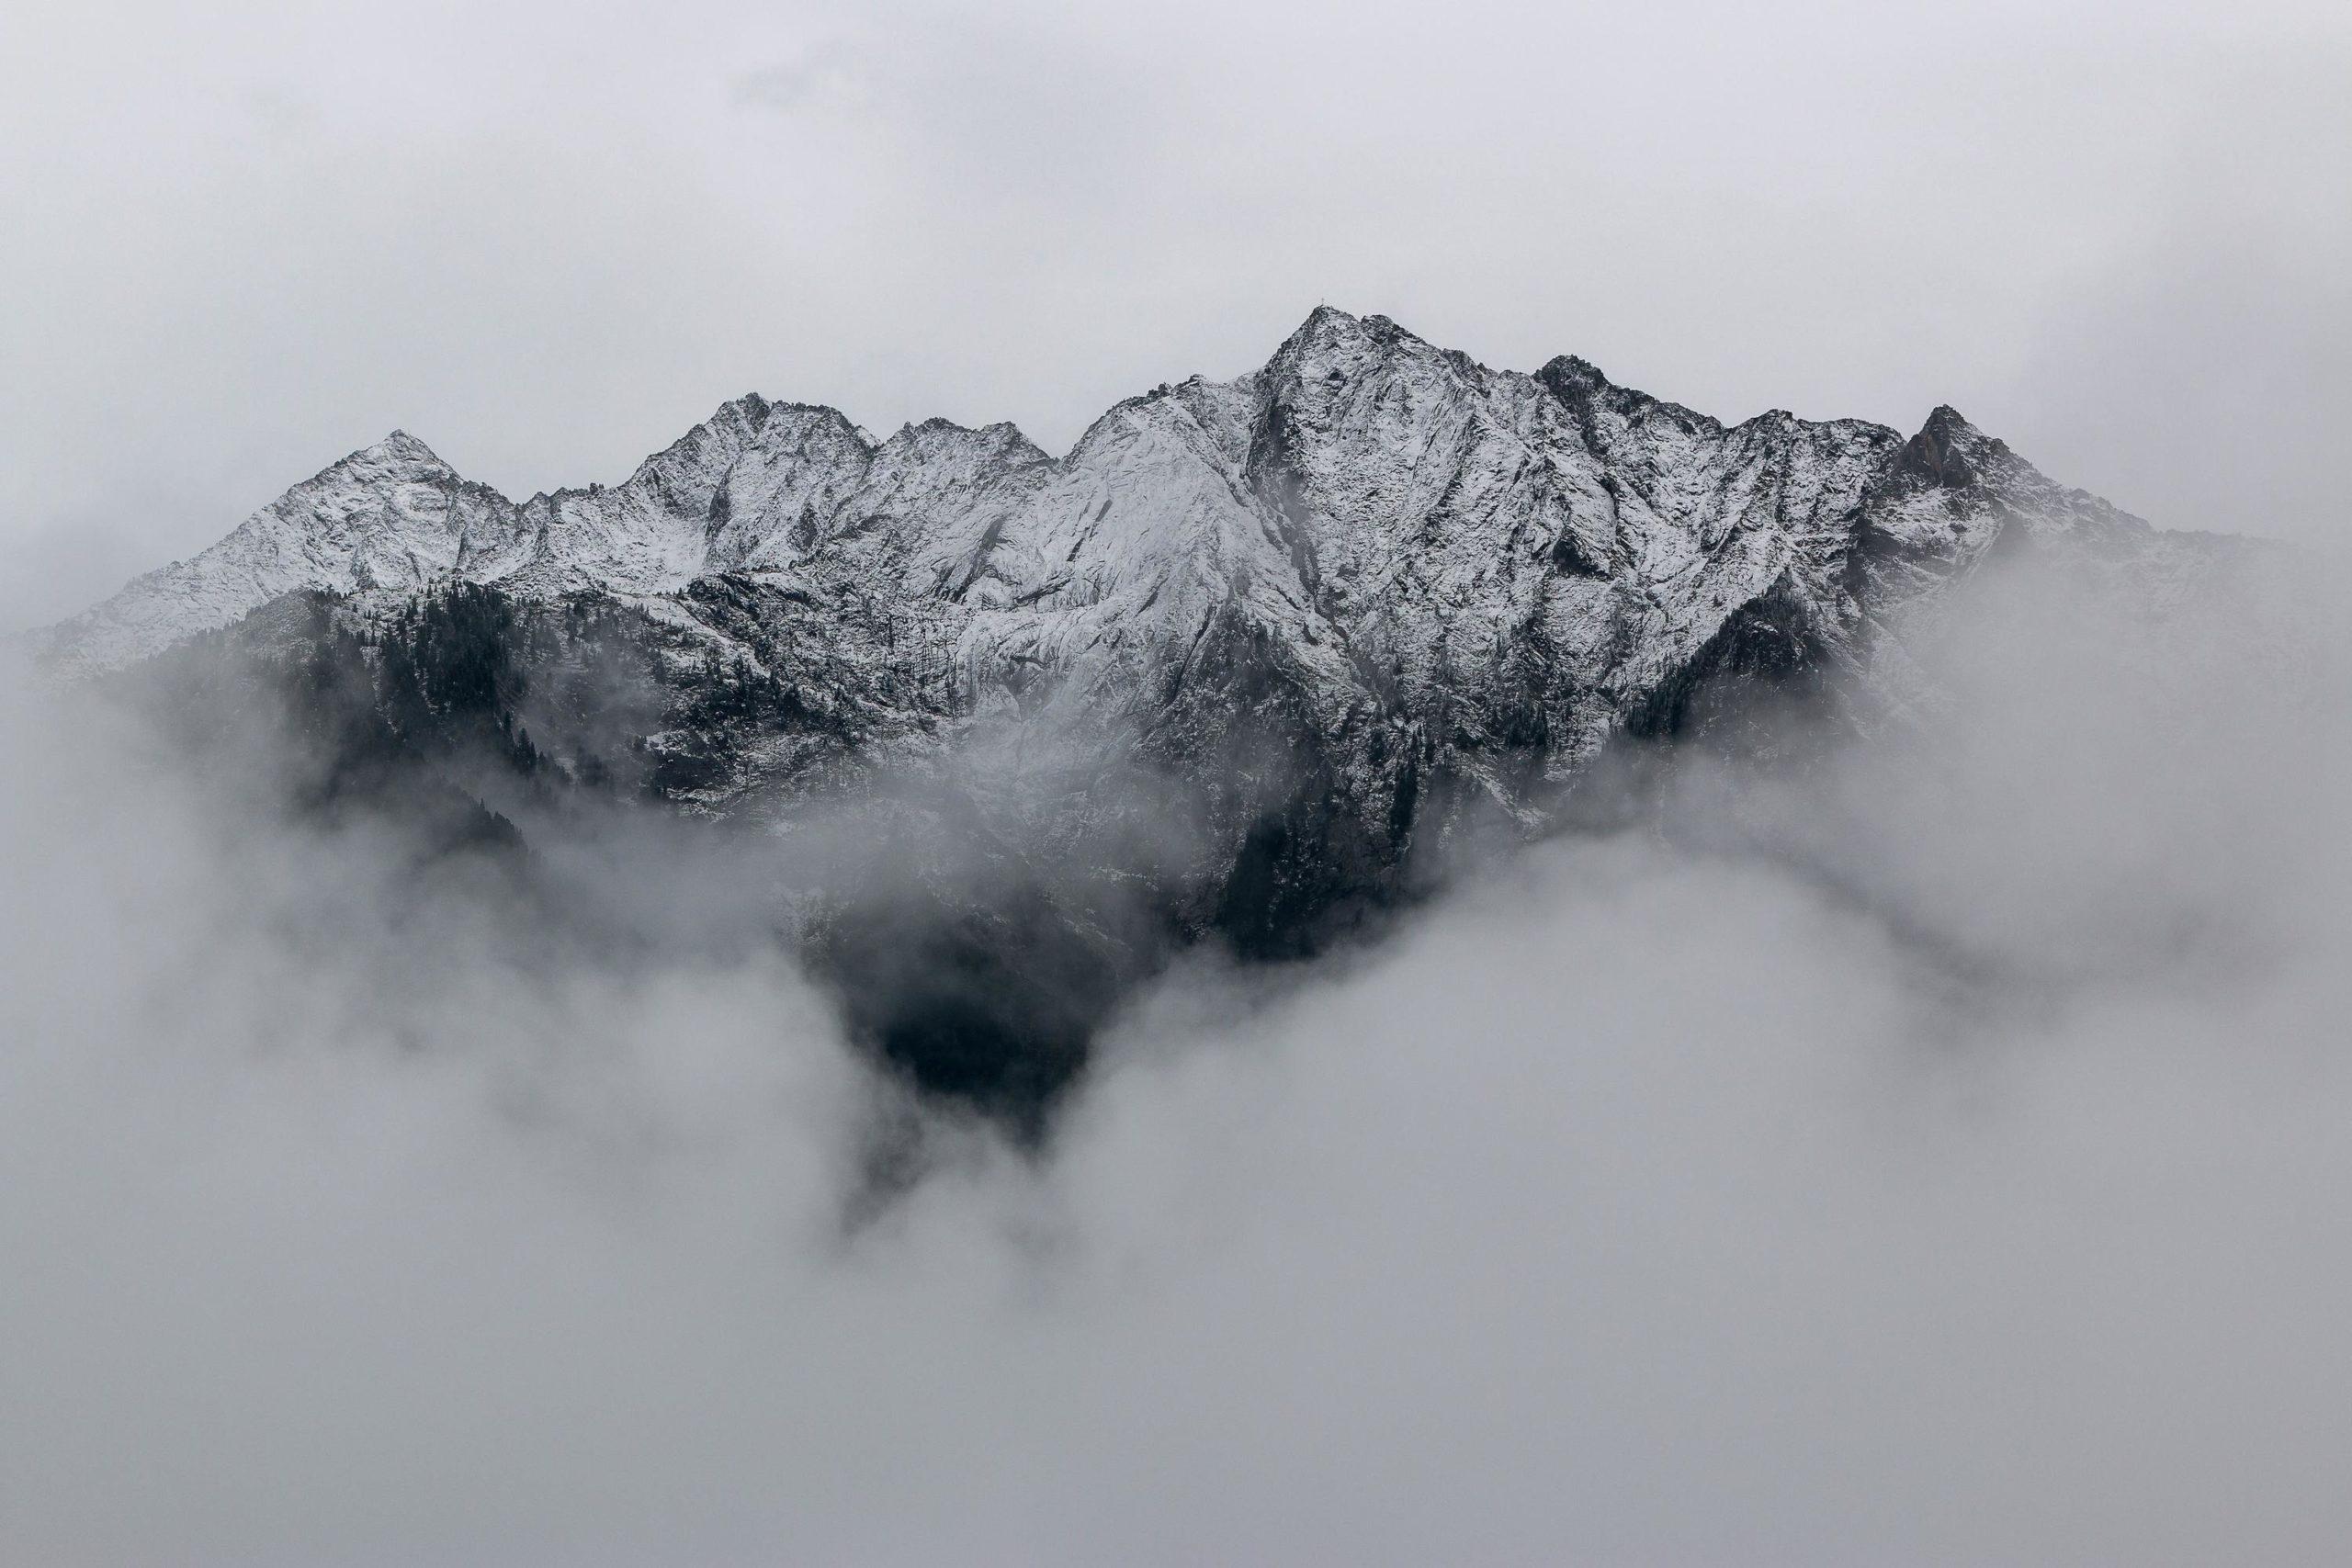 paysage montagne nuage lpa